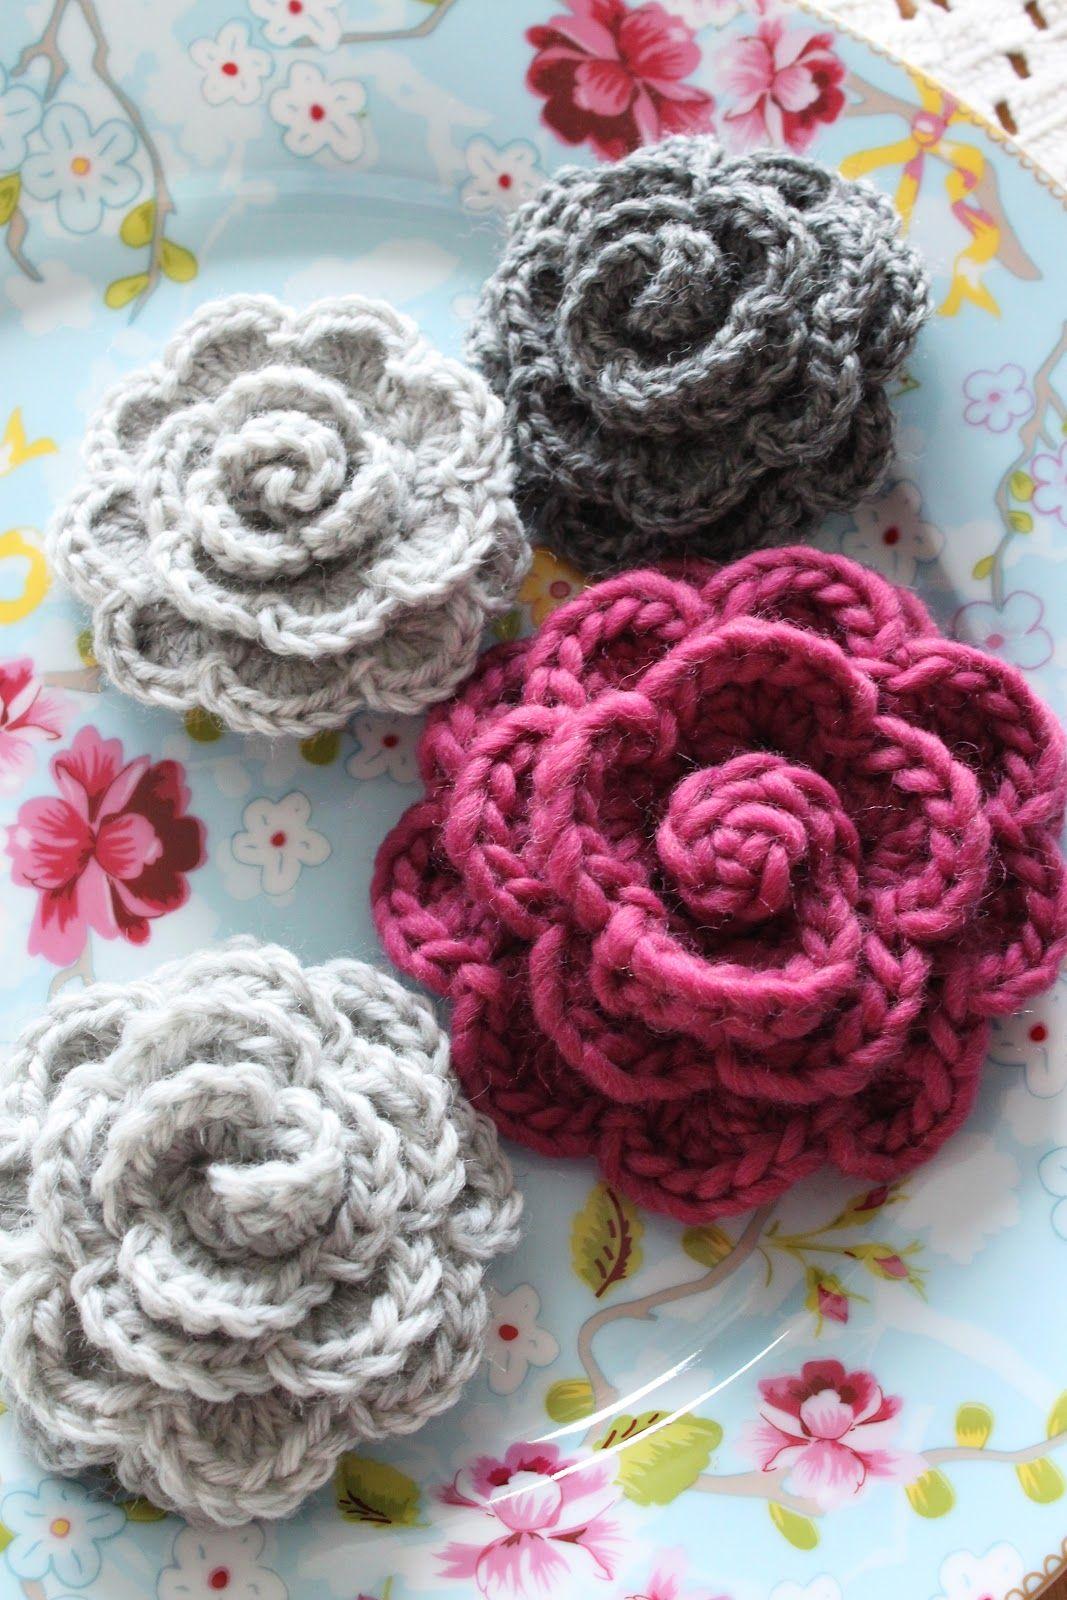 Kungen Majkis Things I Like Pinterest Crochet Knit Crochet